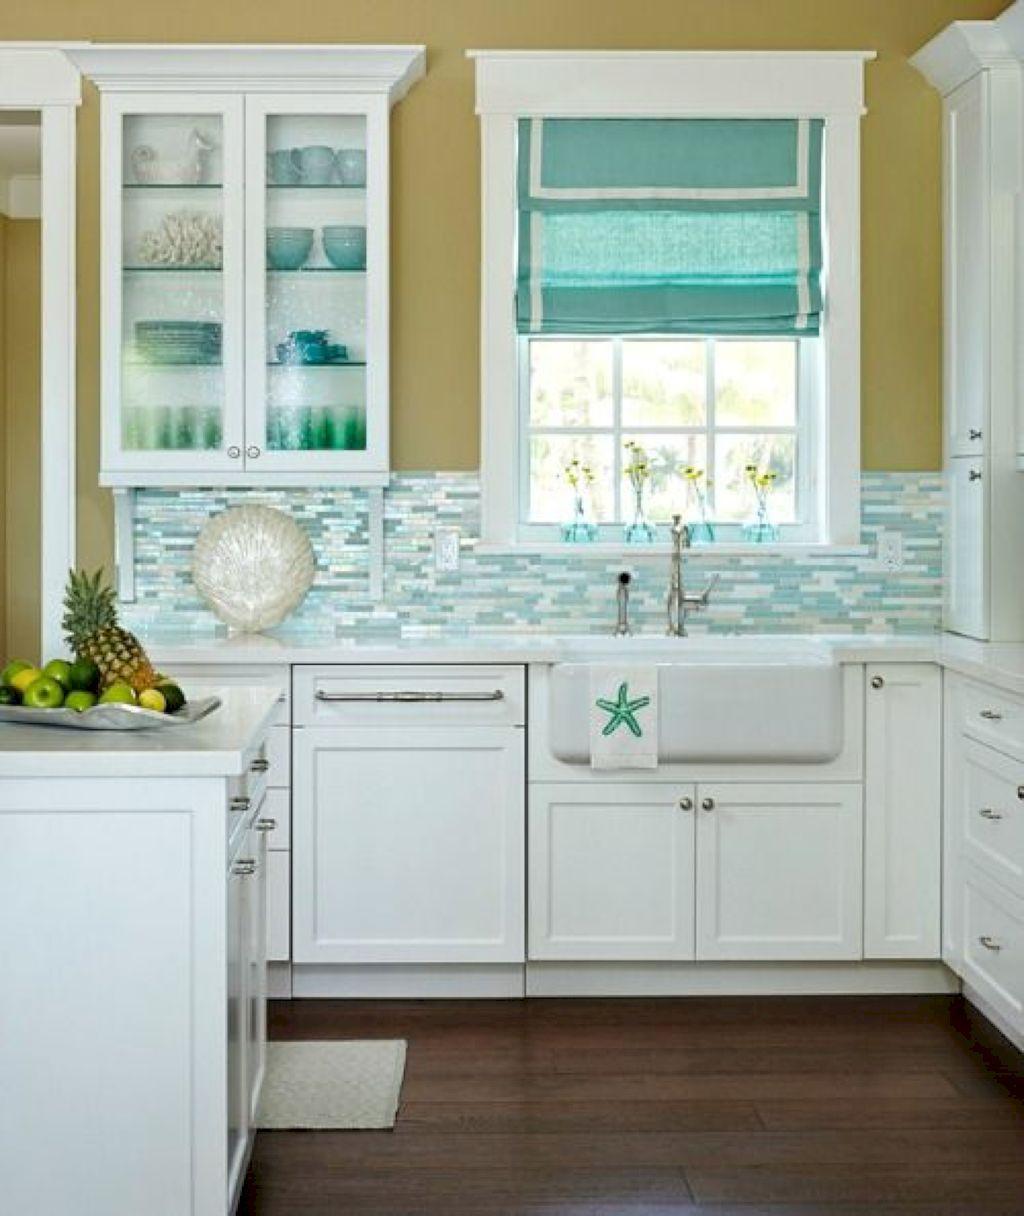 50 Awesome Coastal Kitchen Decor and Design Ideas | Kitchen decor ...